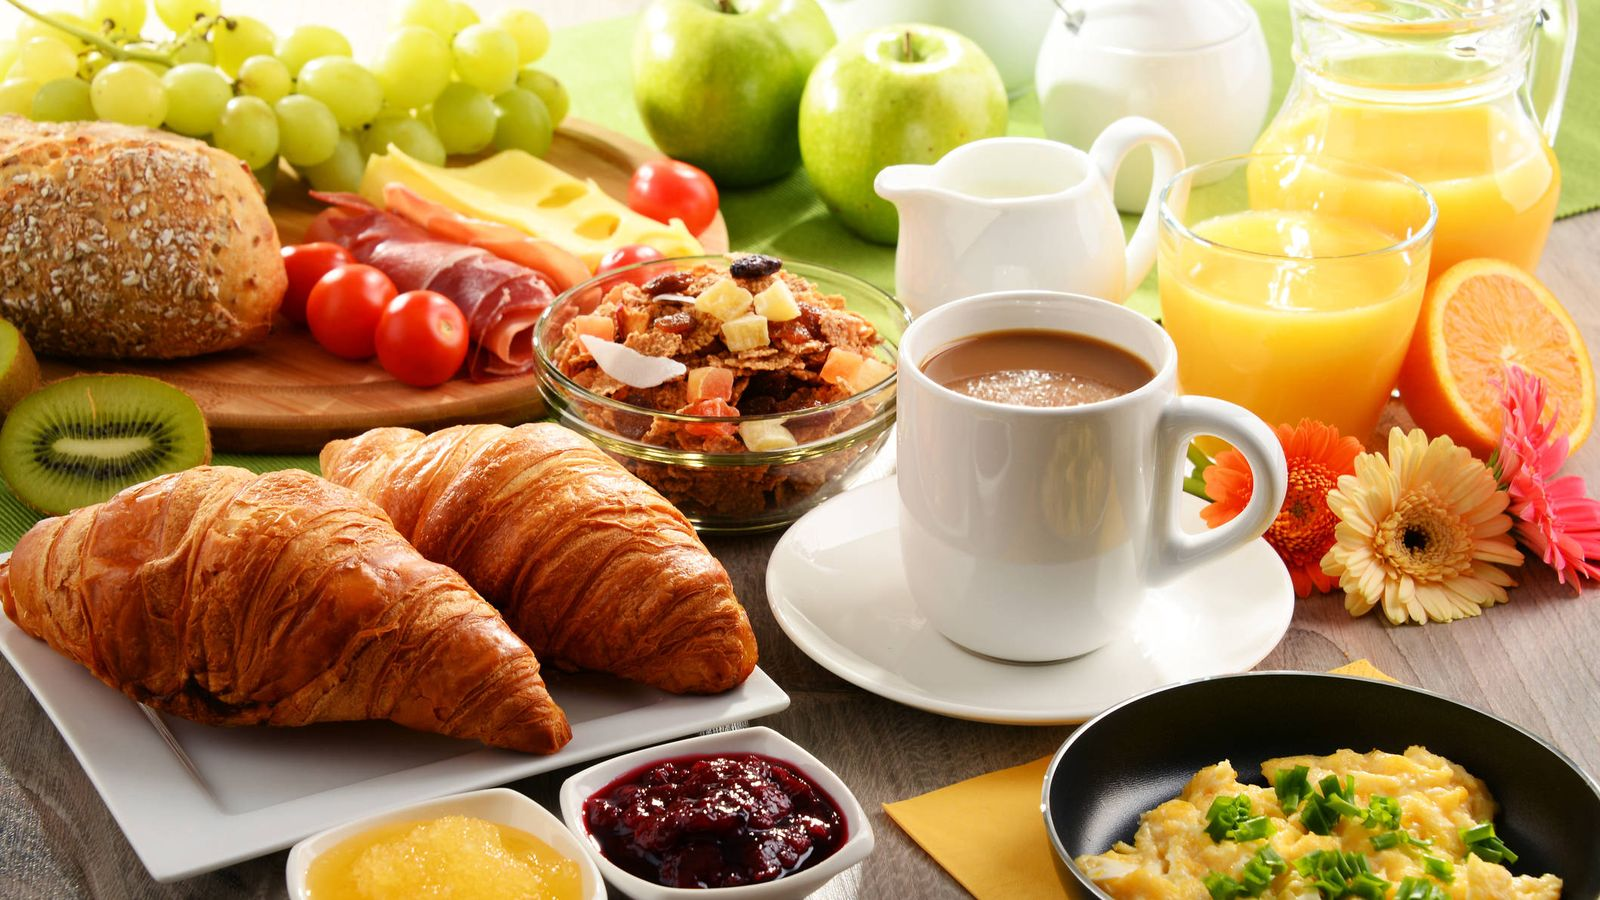 Alimentación: Por qué el desayuno es la comida más importante si quieres  estar delgado